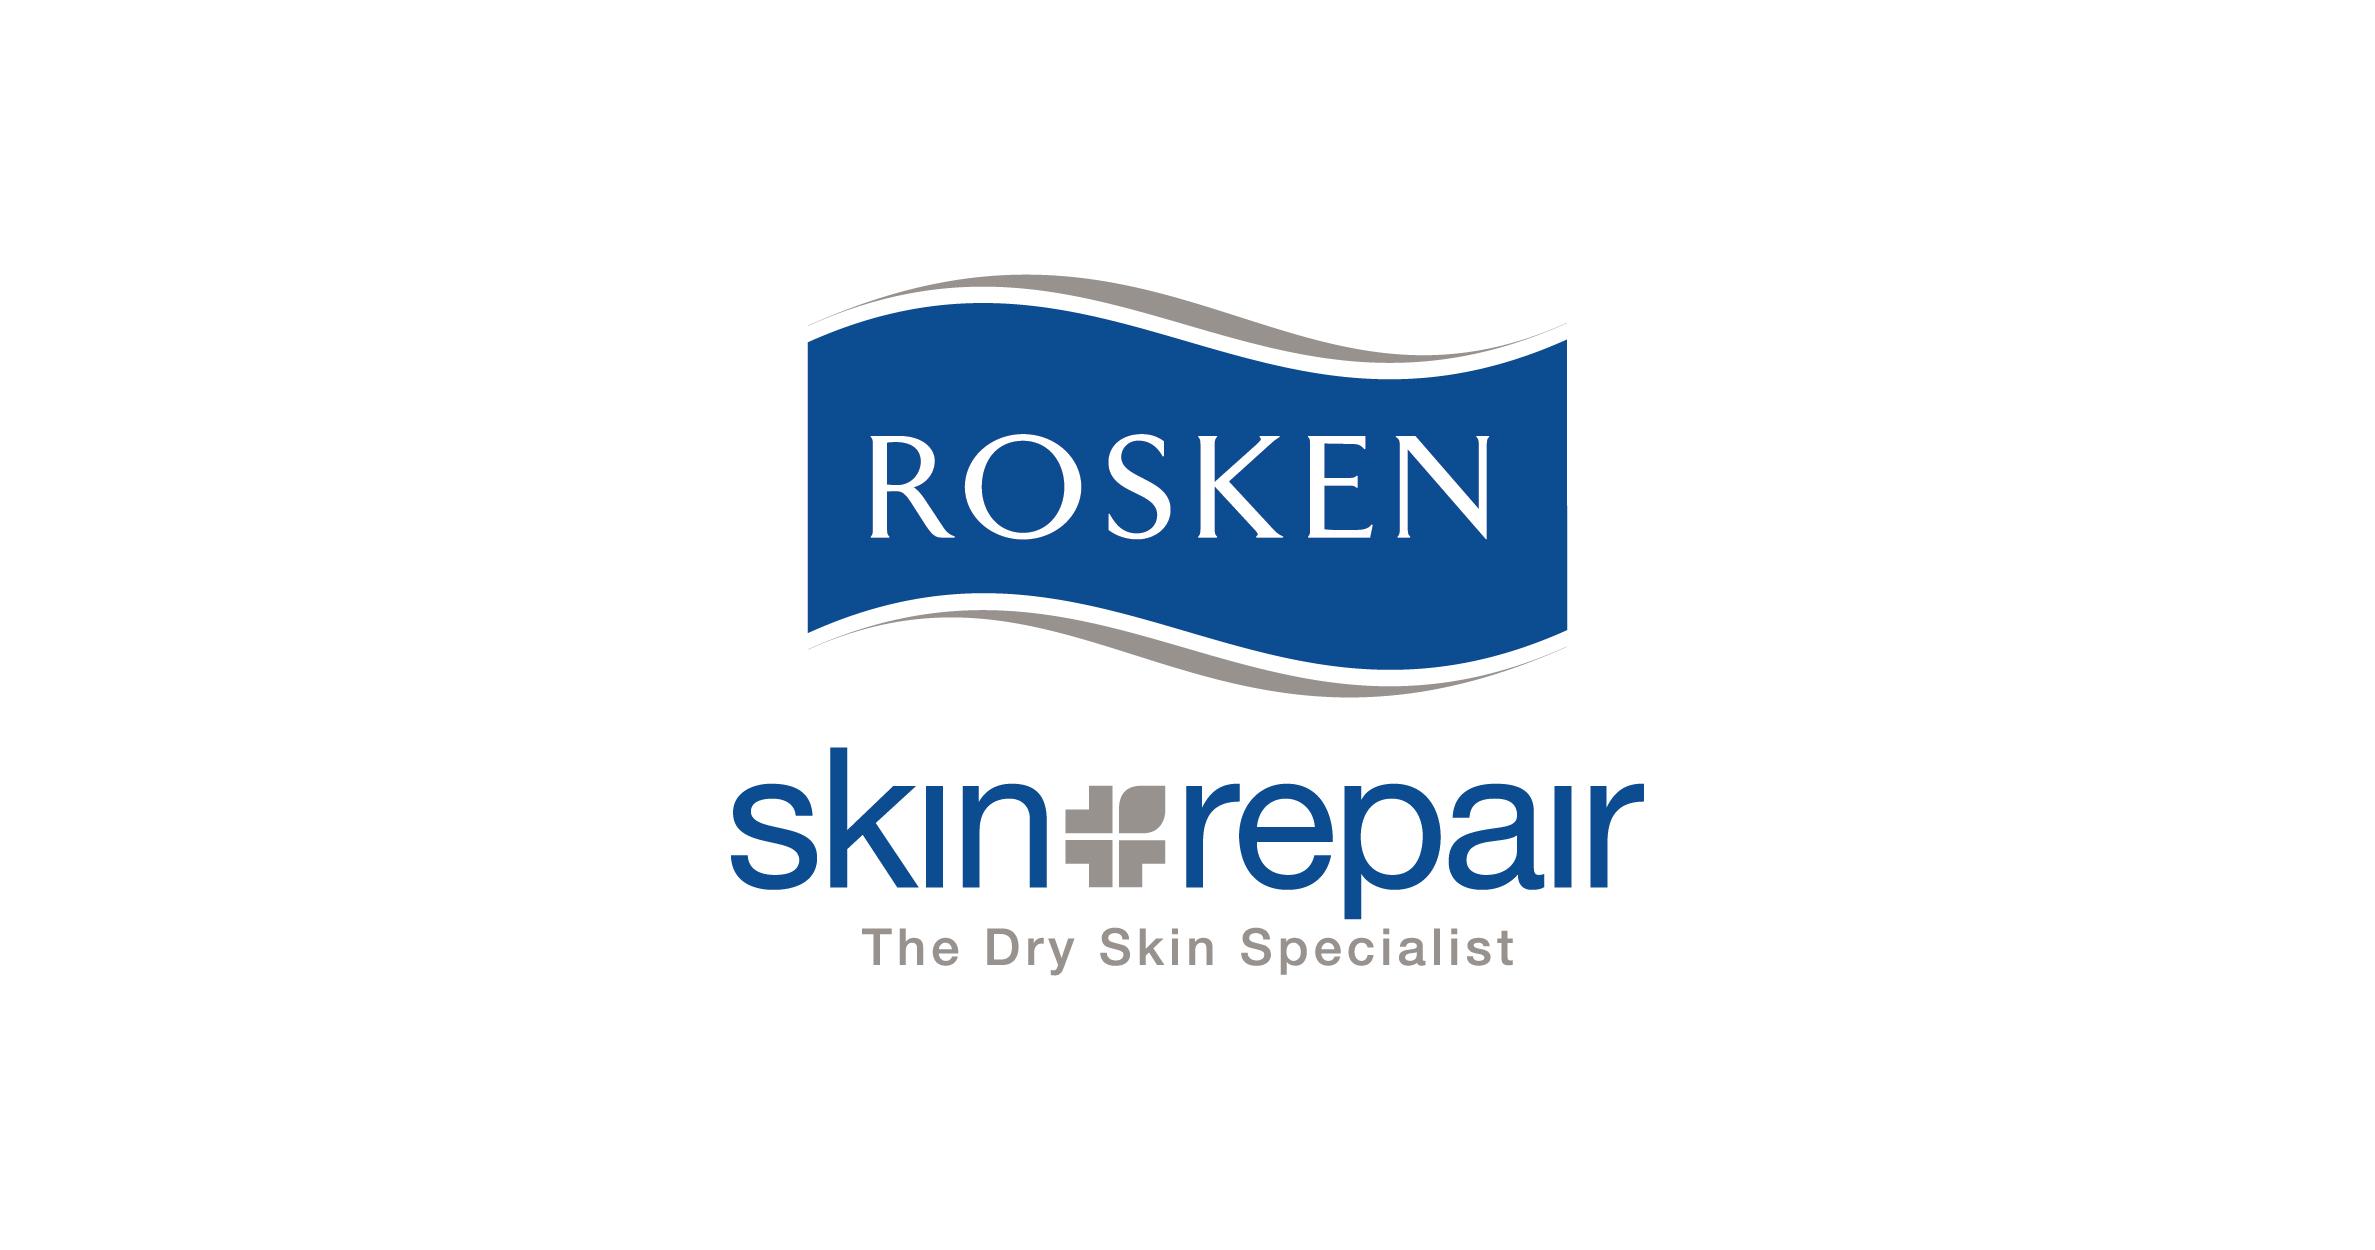 Alpro Pharmacy Oneclick Rosken